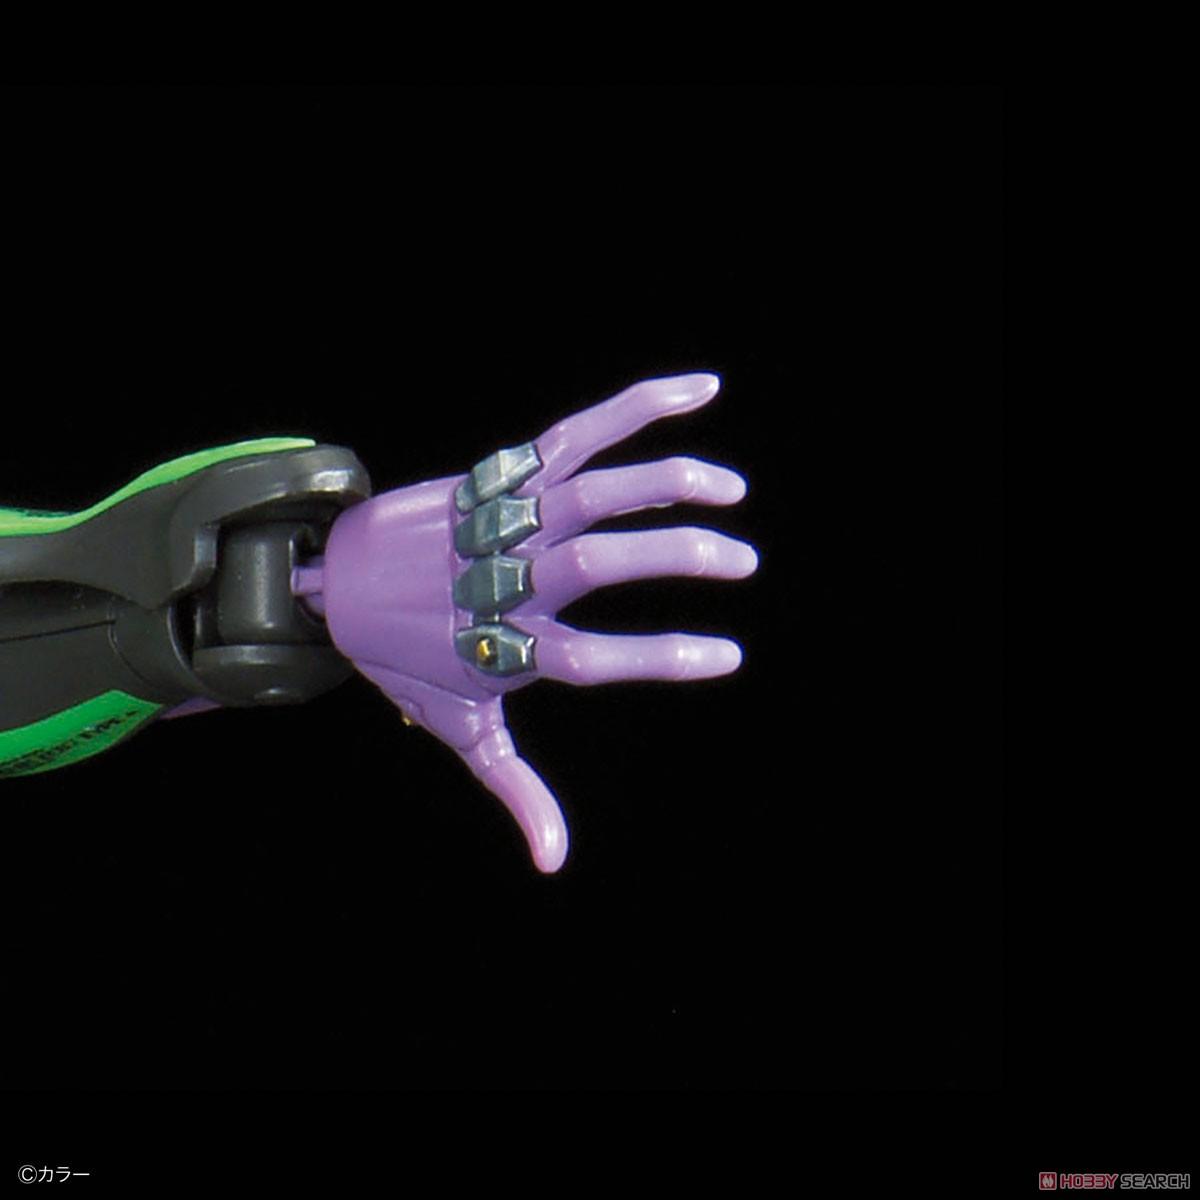 【8月再販】RG『汎用ヒト型決戦兵器 人造人間エヴァンゲリオン初号機』プラモデル-018